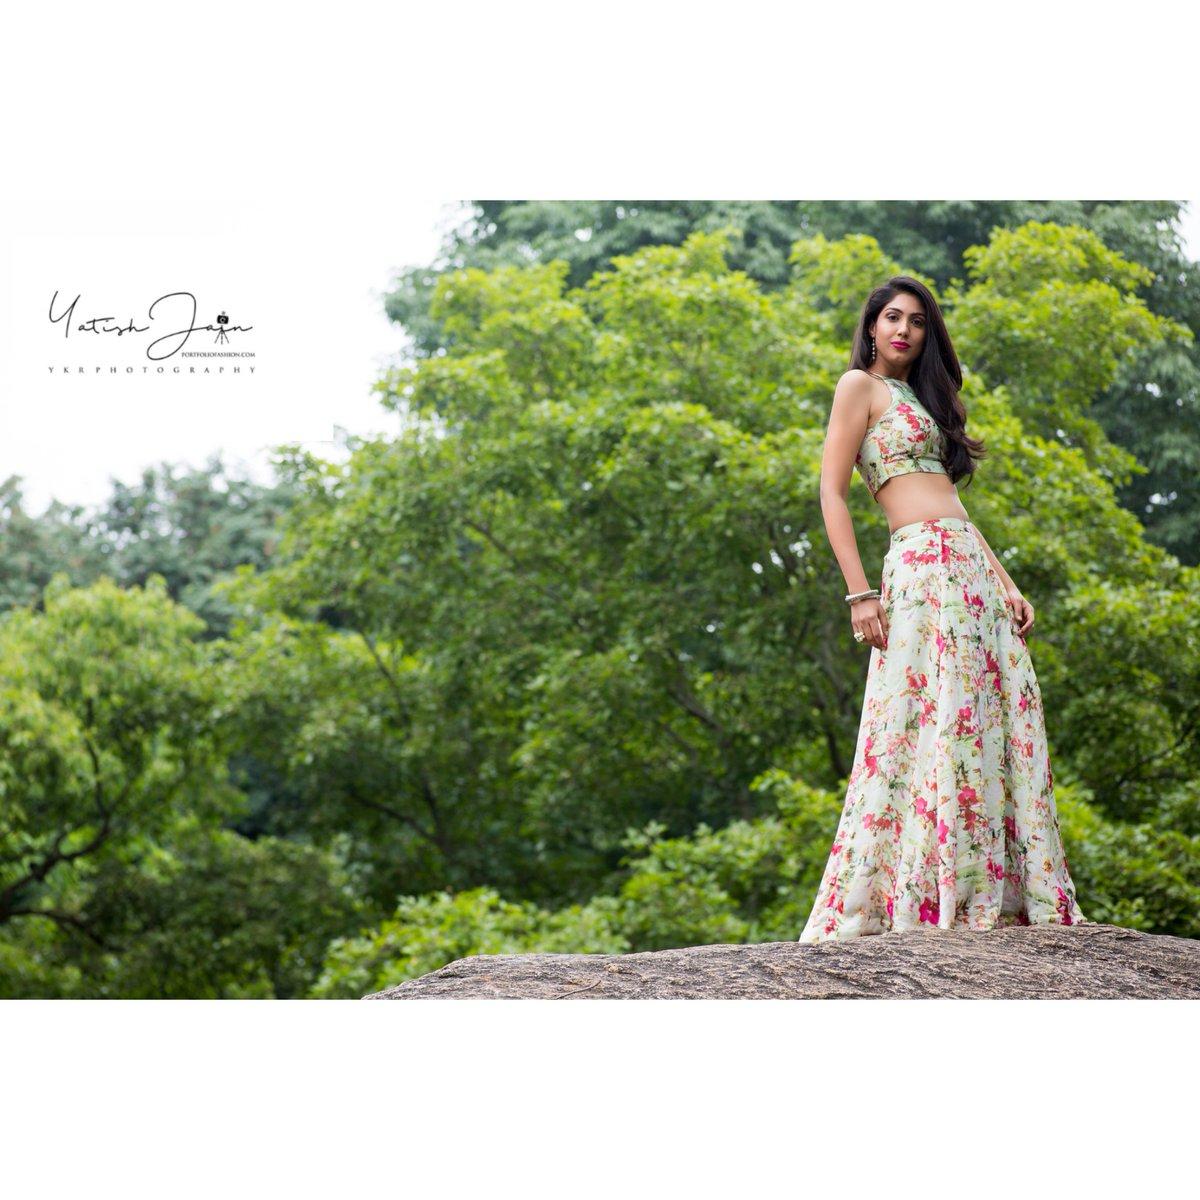 #ykr #ykrphotography #modelingshoot #model_potrait #modelingagencies #modellingphotography #models #bangaloremodel #bangalorephotgrapher #potraitmood #potraitmaking #grace #style #femalemodel #femalemodelbangalore #bangaloreimages #photography #photoshoot #photographer...pic.twitter.com/IwHtHjmRUx